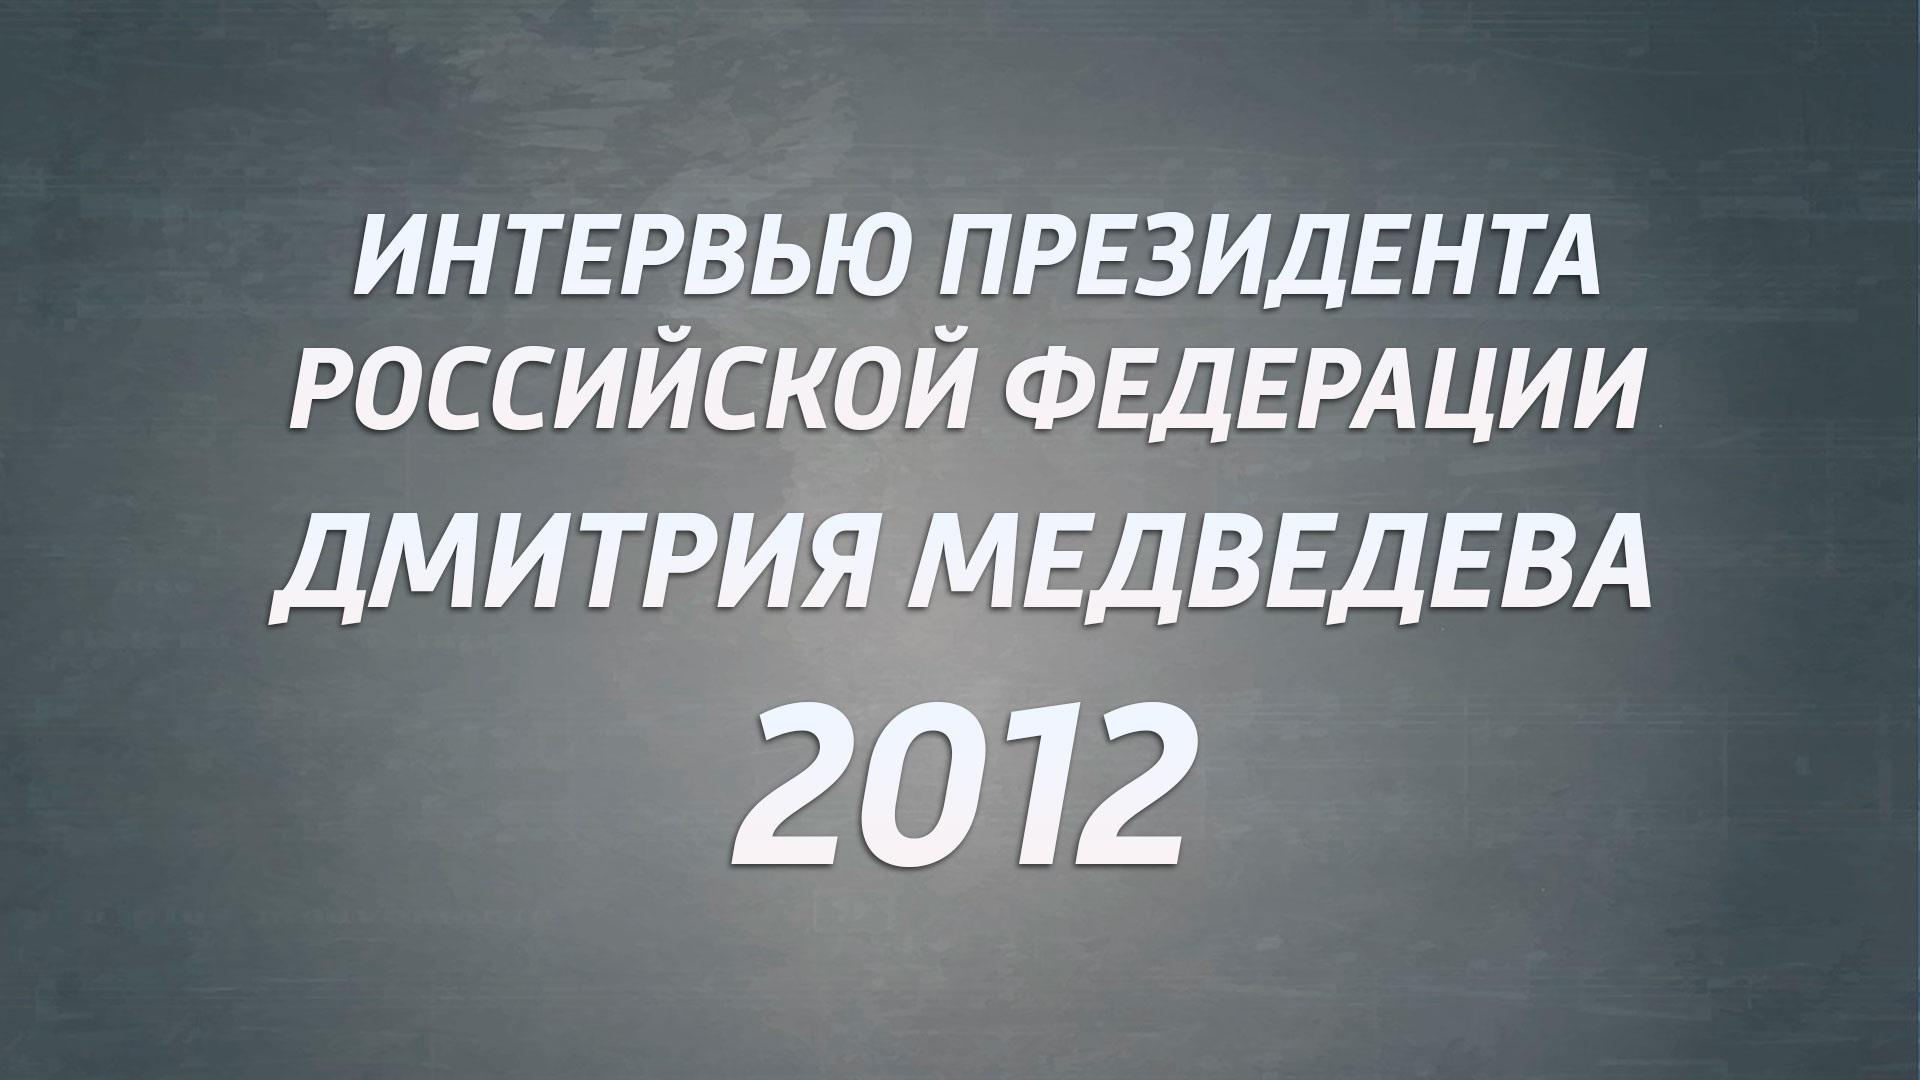 Интервью Президента РФ Дмитрия Медведева. 2012